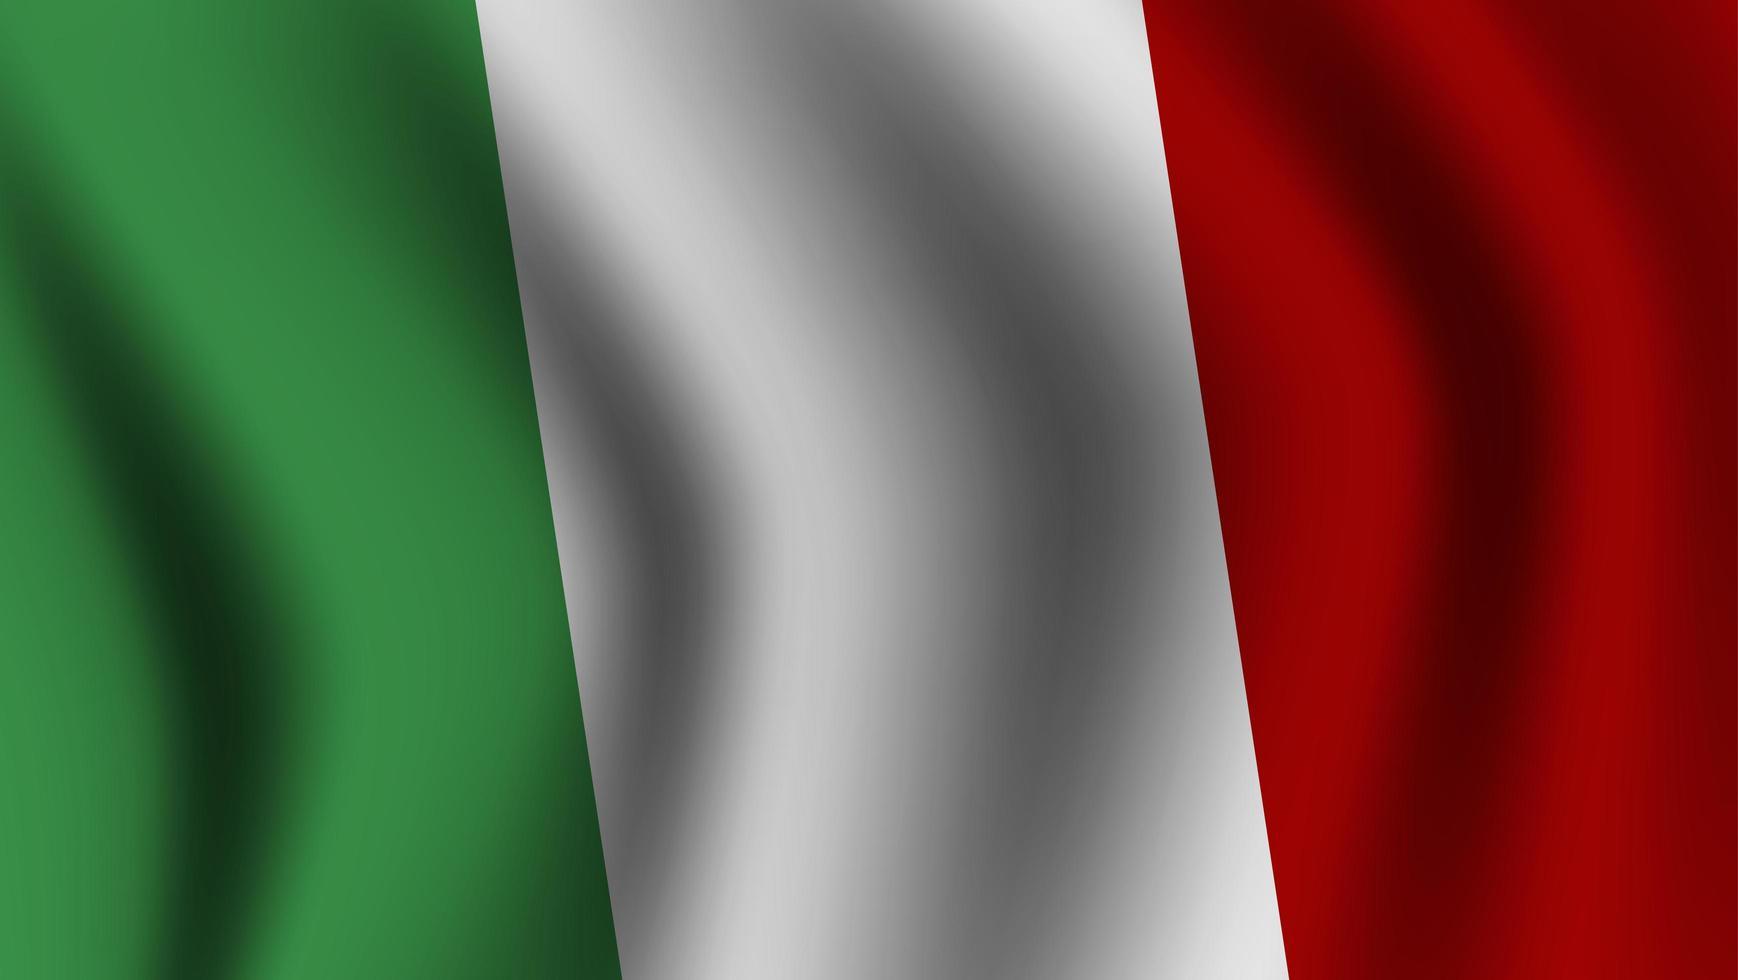 drapeau italien ondulant réaliste vecteur